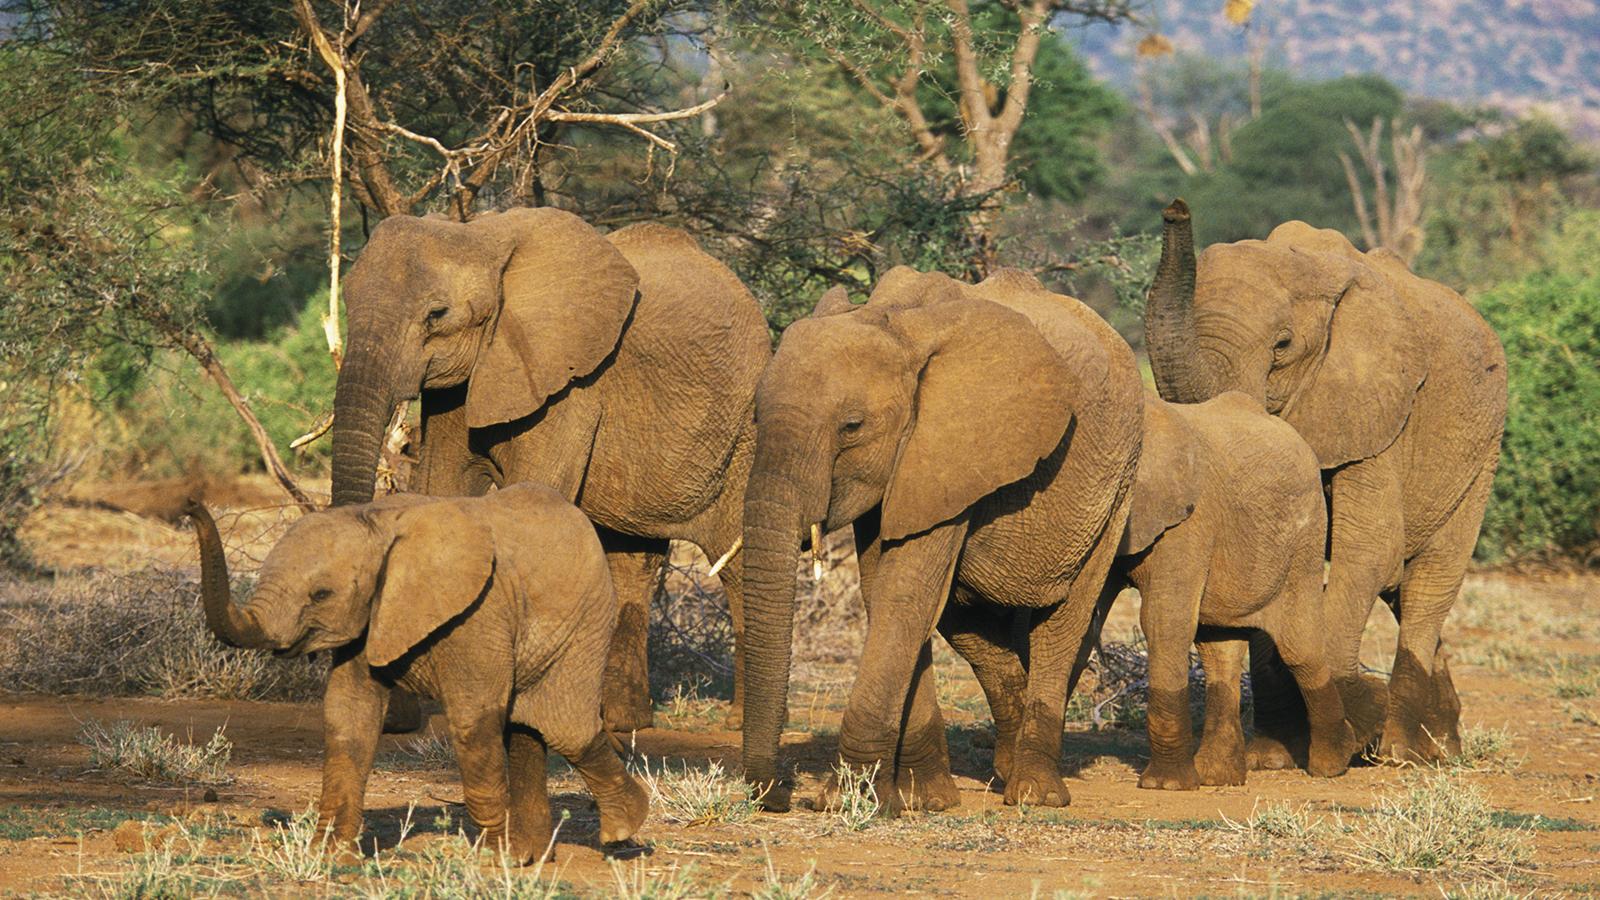 Films sexuels sur les éléphants